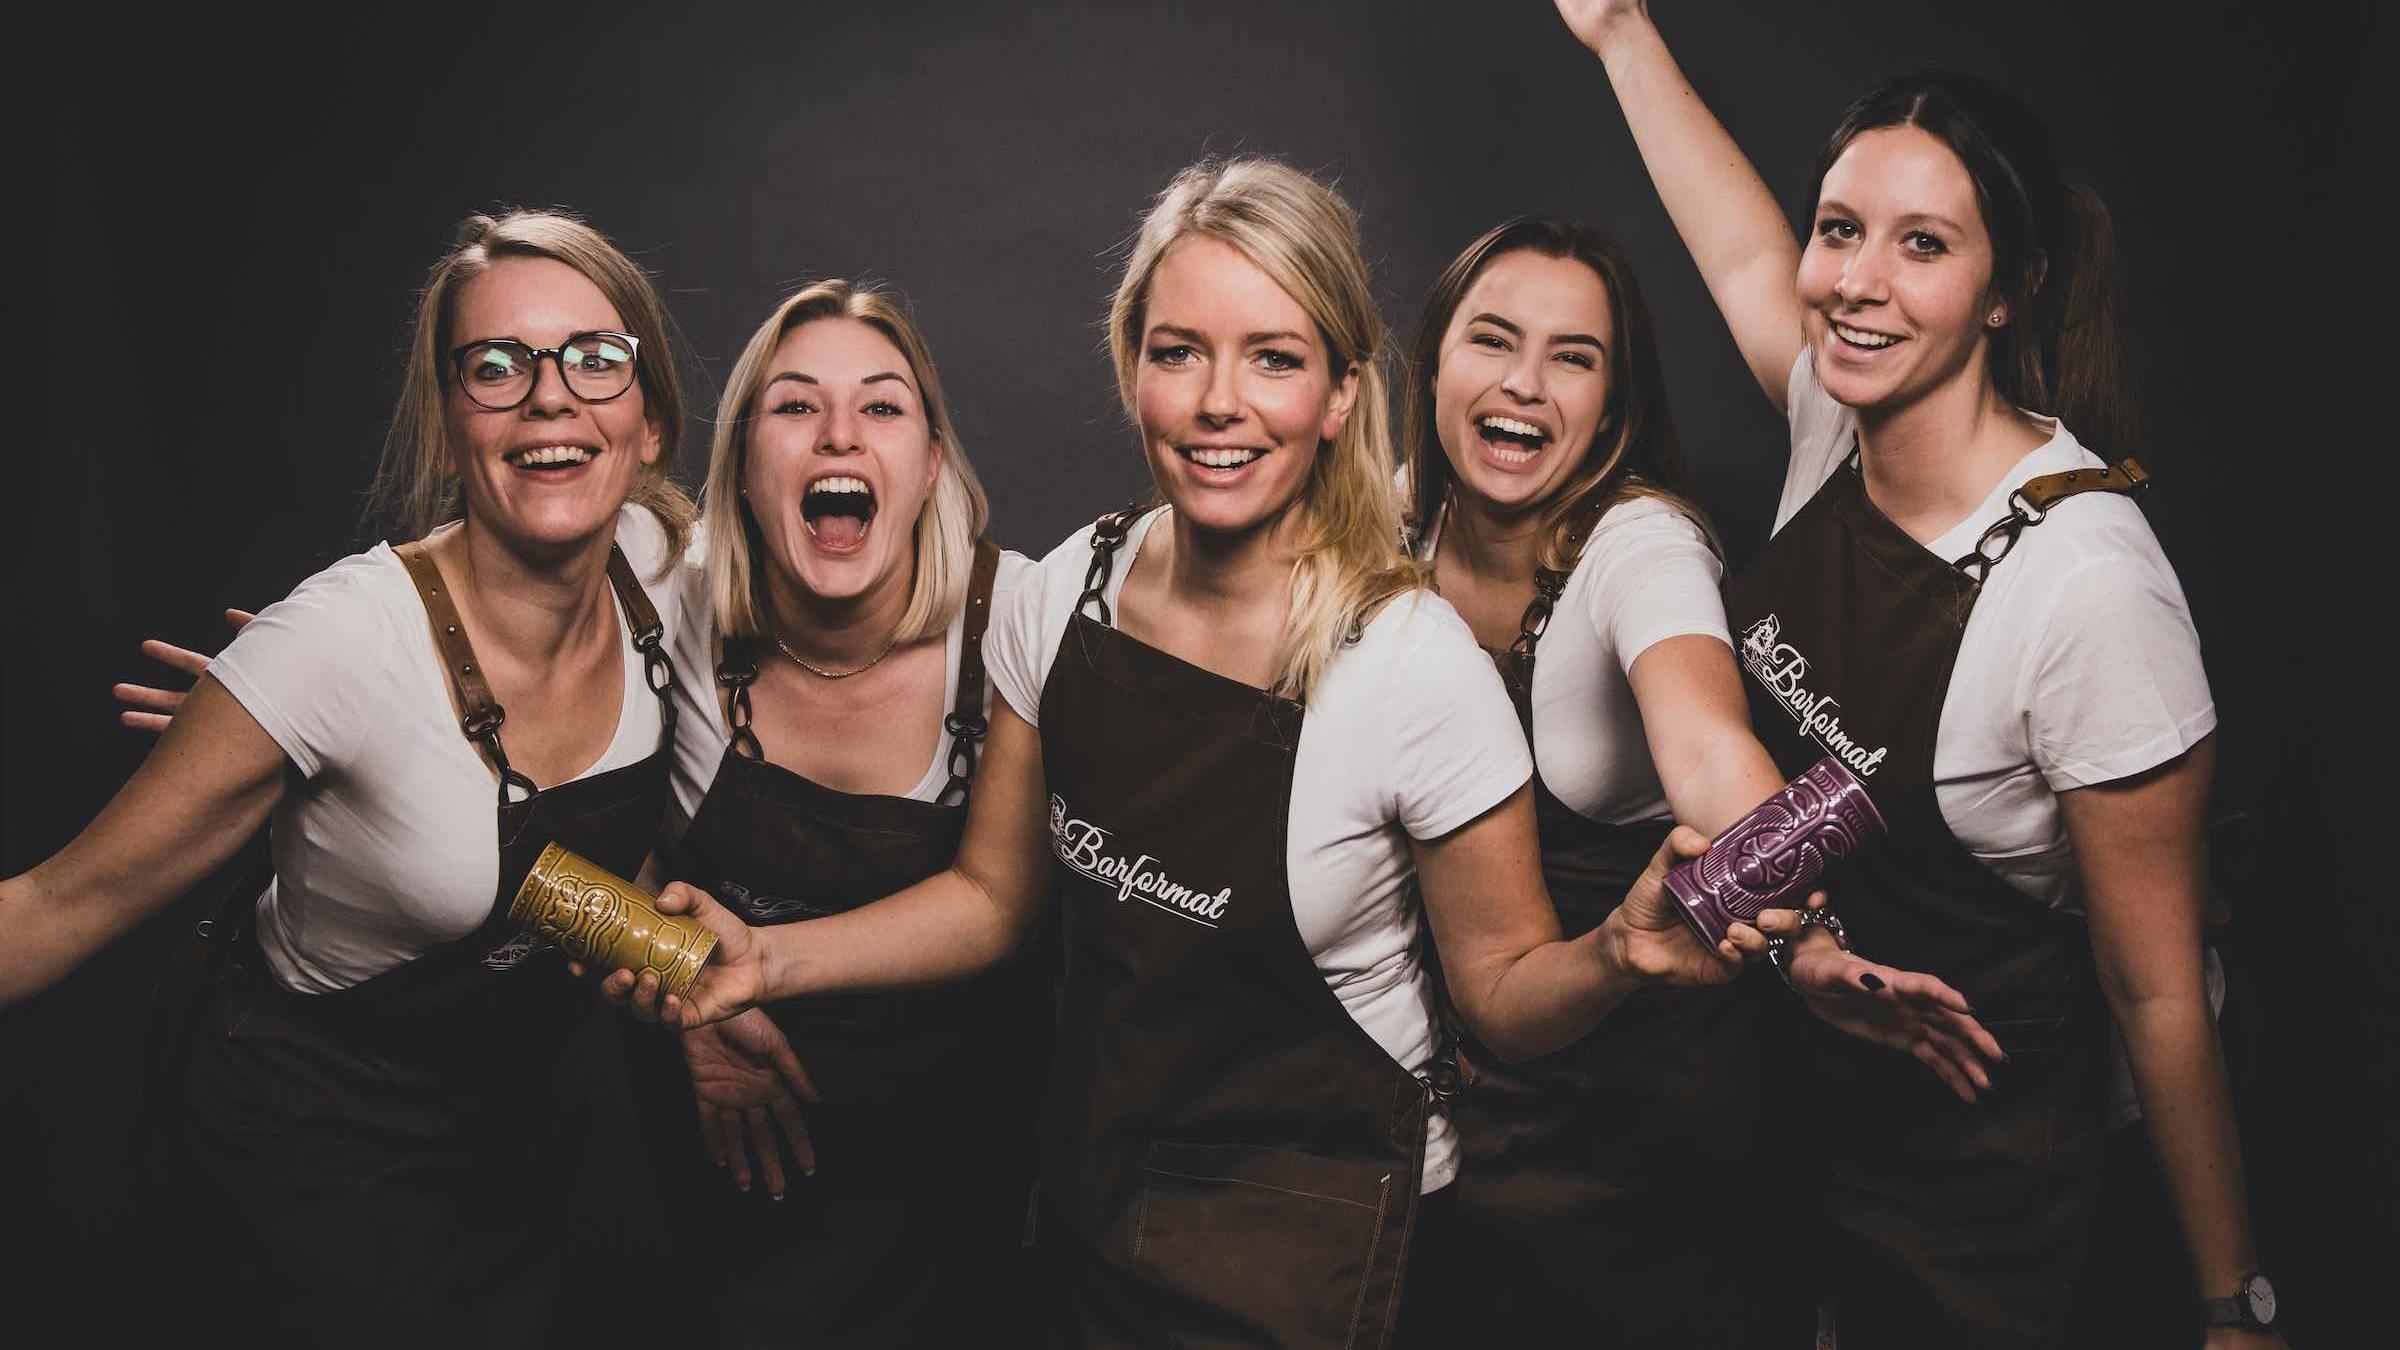 Hamburgfeiert |Partner |Barformat |Mobile |Bar |Cocktailservice |Weinbar |Ginbar |Tasting |Foodtruck |Bulli |Bar |Ginbar |Weinbar |Kaffee |Bulli |Bar |Barkeeper |Mieten |Buchen